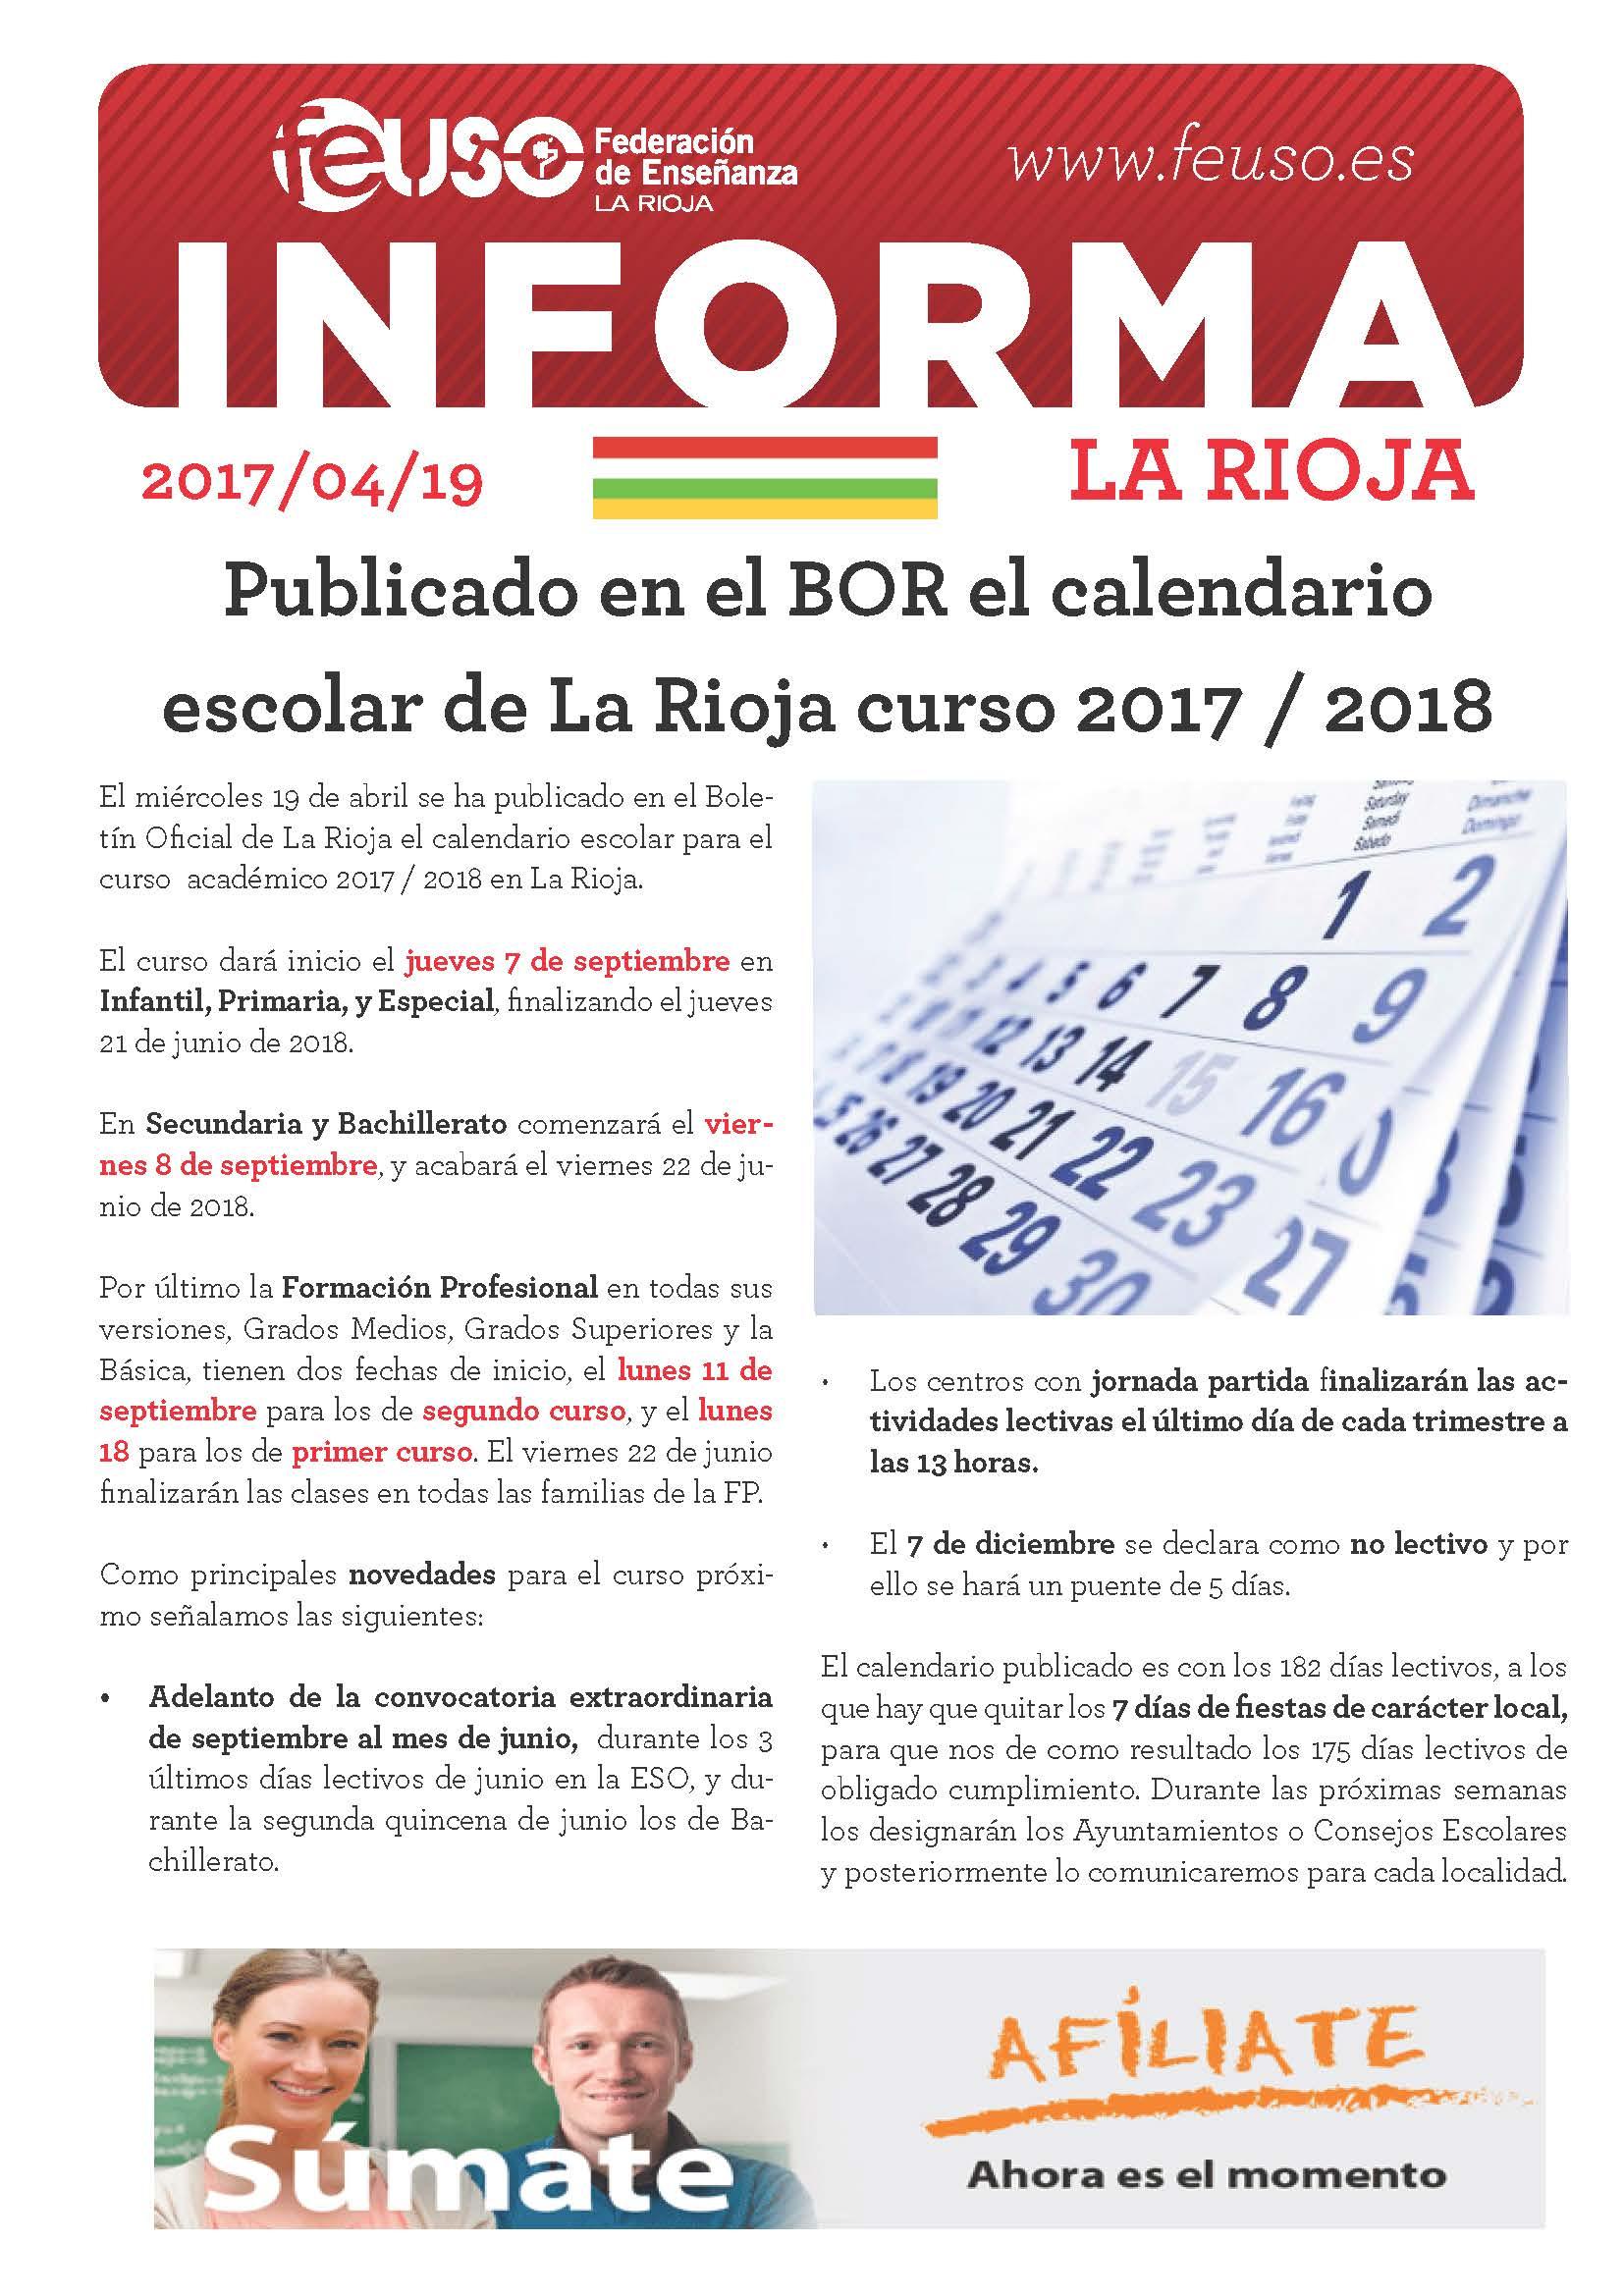 FEUSO INFORMA LA RIOJA 20170419 Calendario Escolar 17-18 BOR